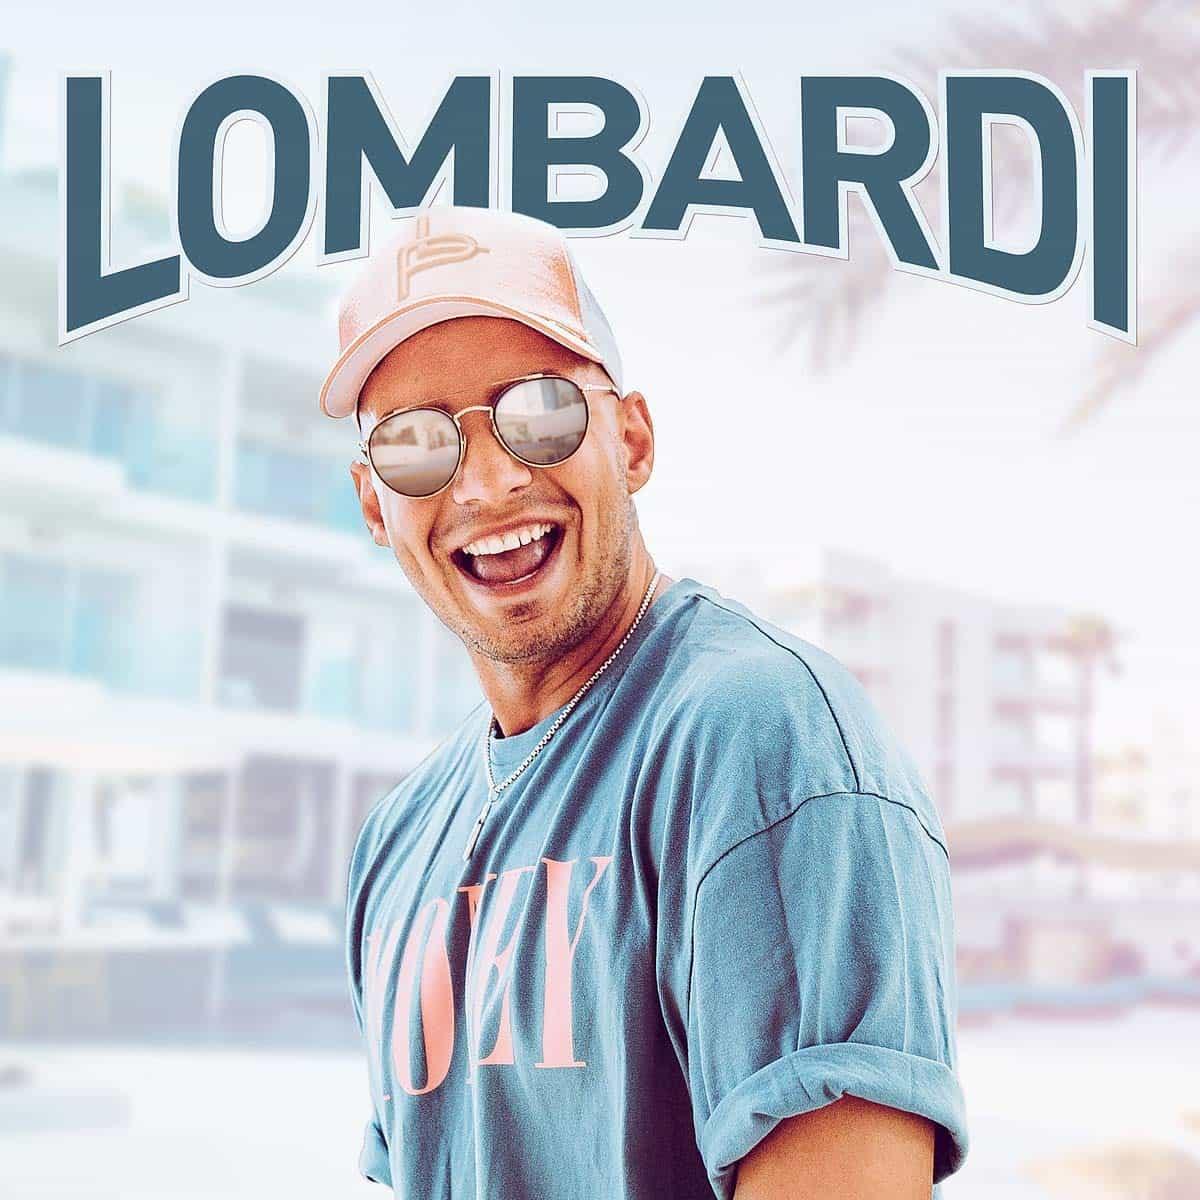 Pietro Lombardi Album 2020